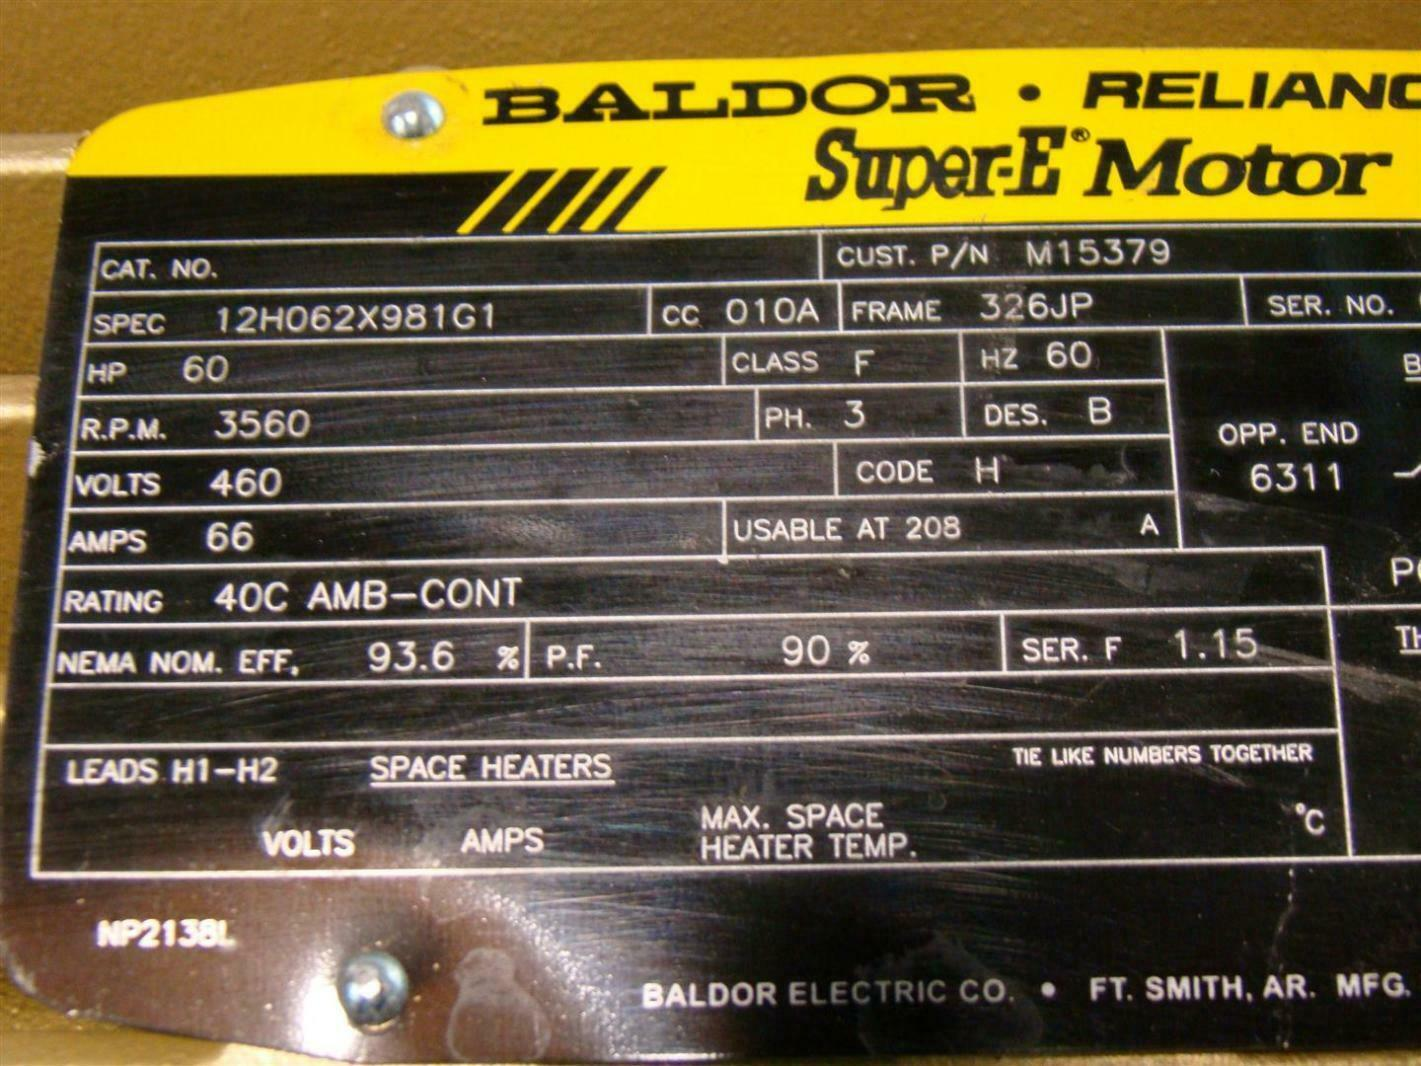 Baldor Reliancer Super E Motor 60hp 3560rpm 460v 12h062x981g1